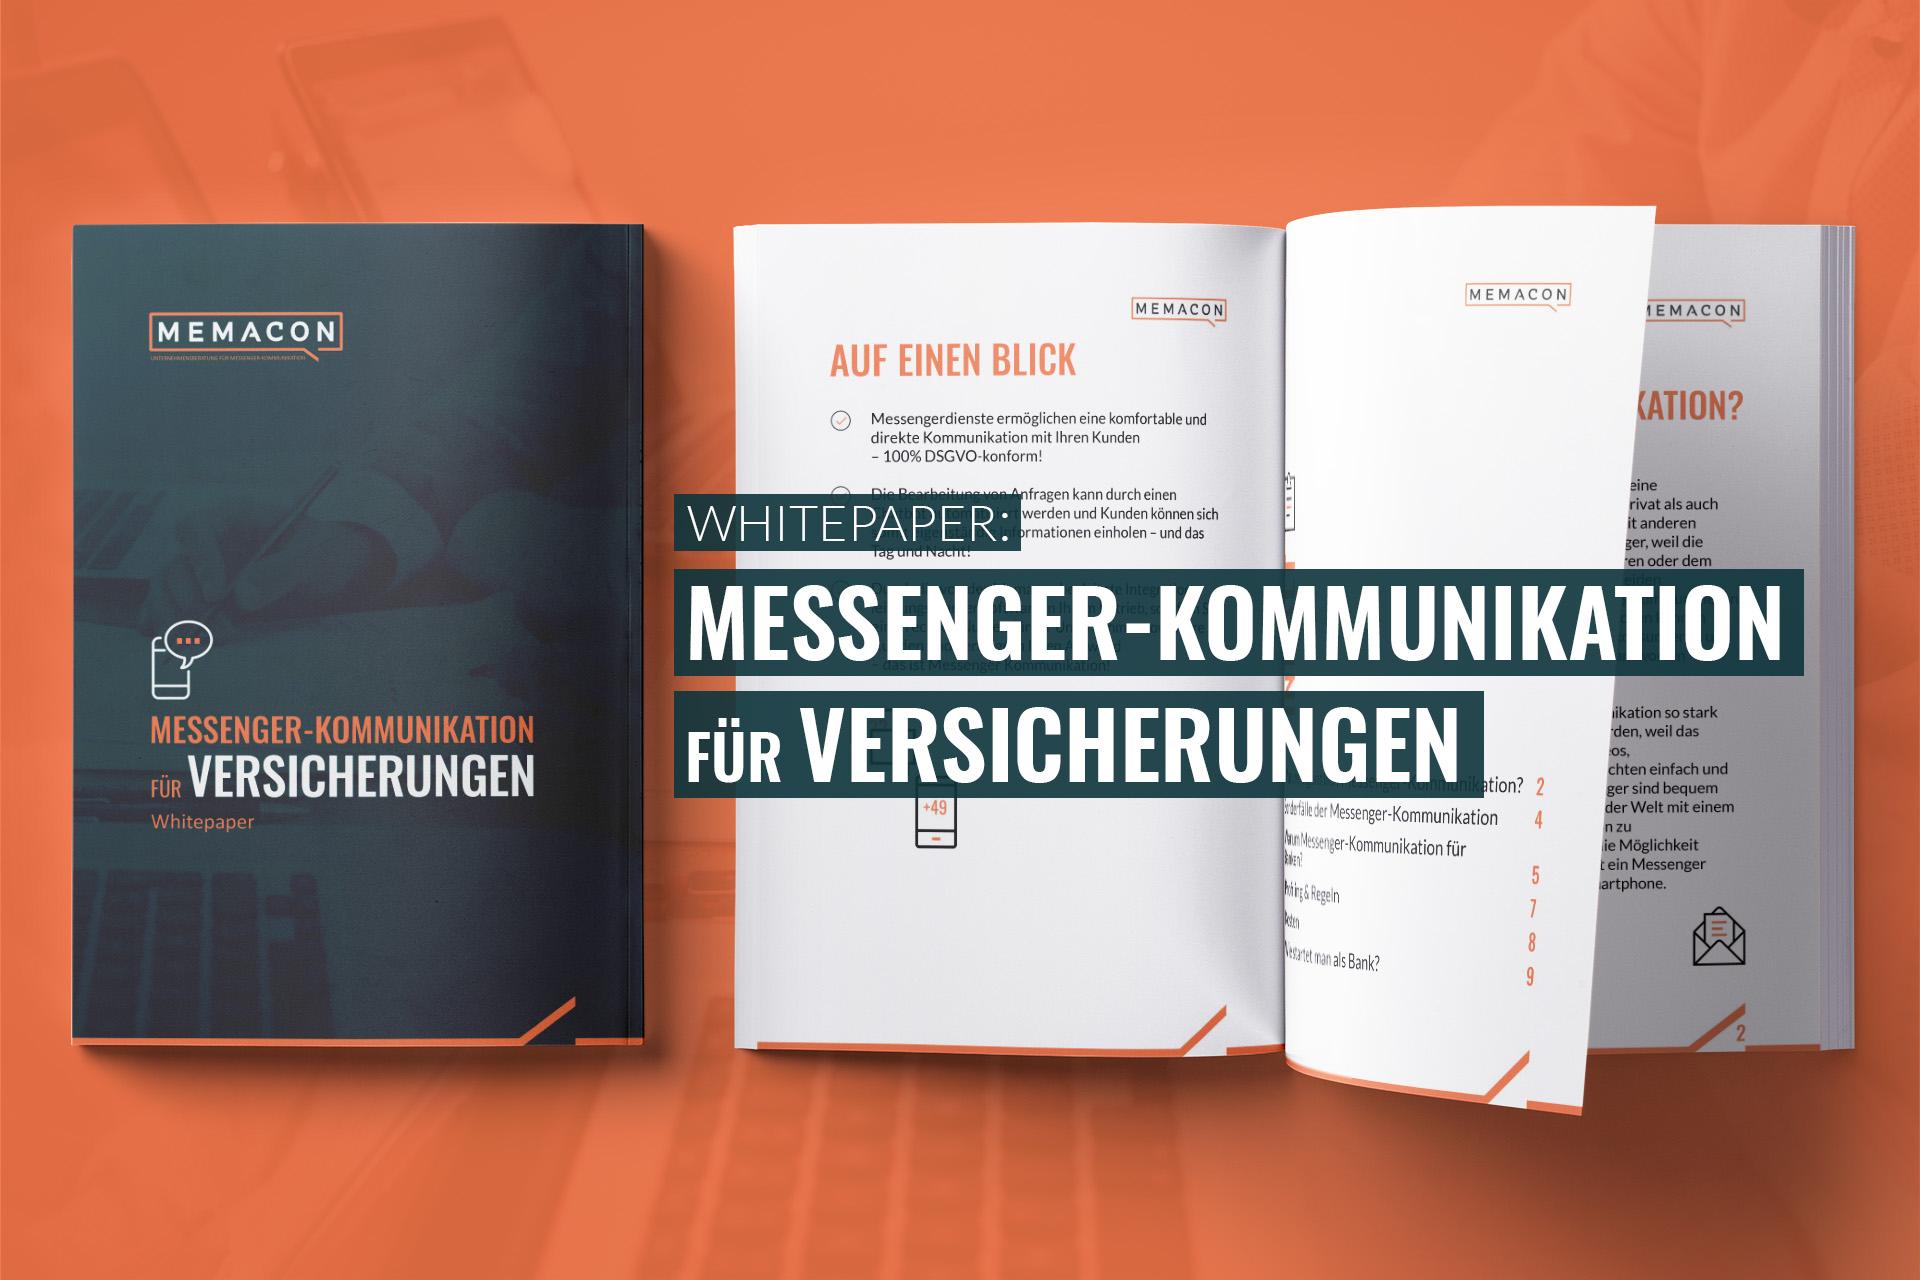 Whitepaper Messenger Loesung fuer Versicherungen